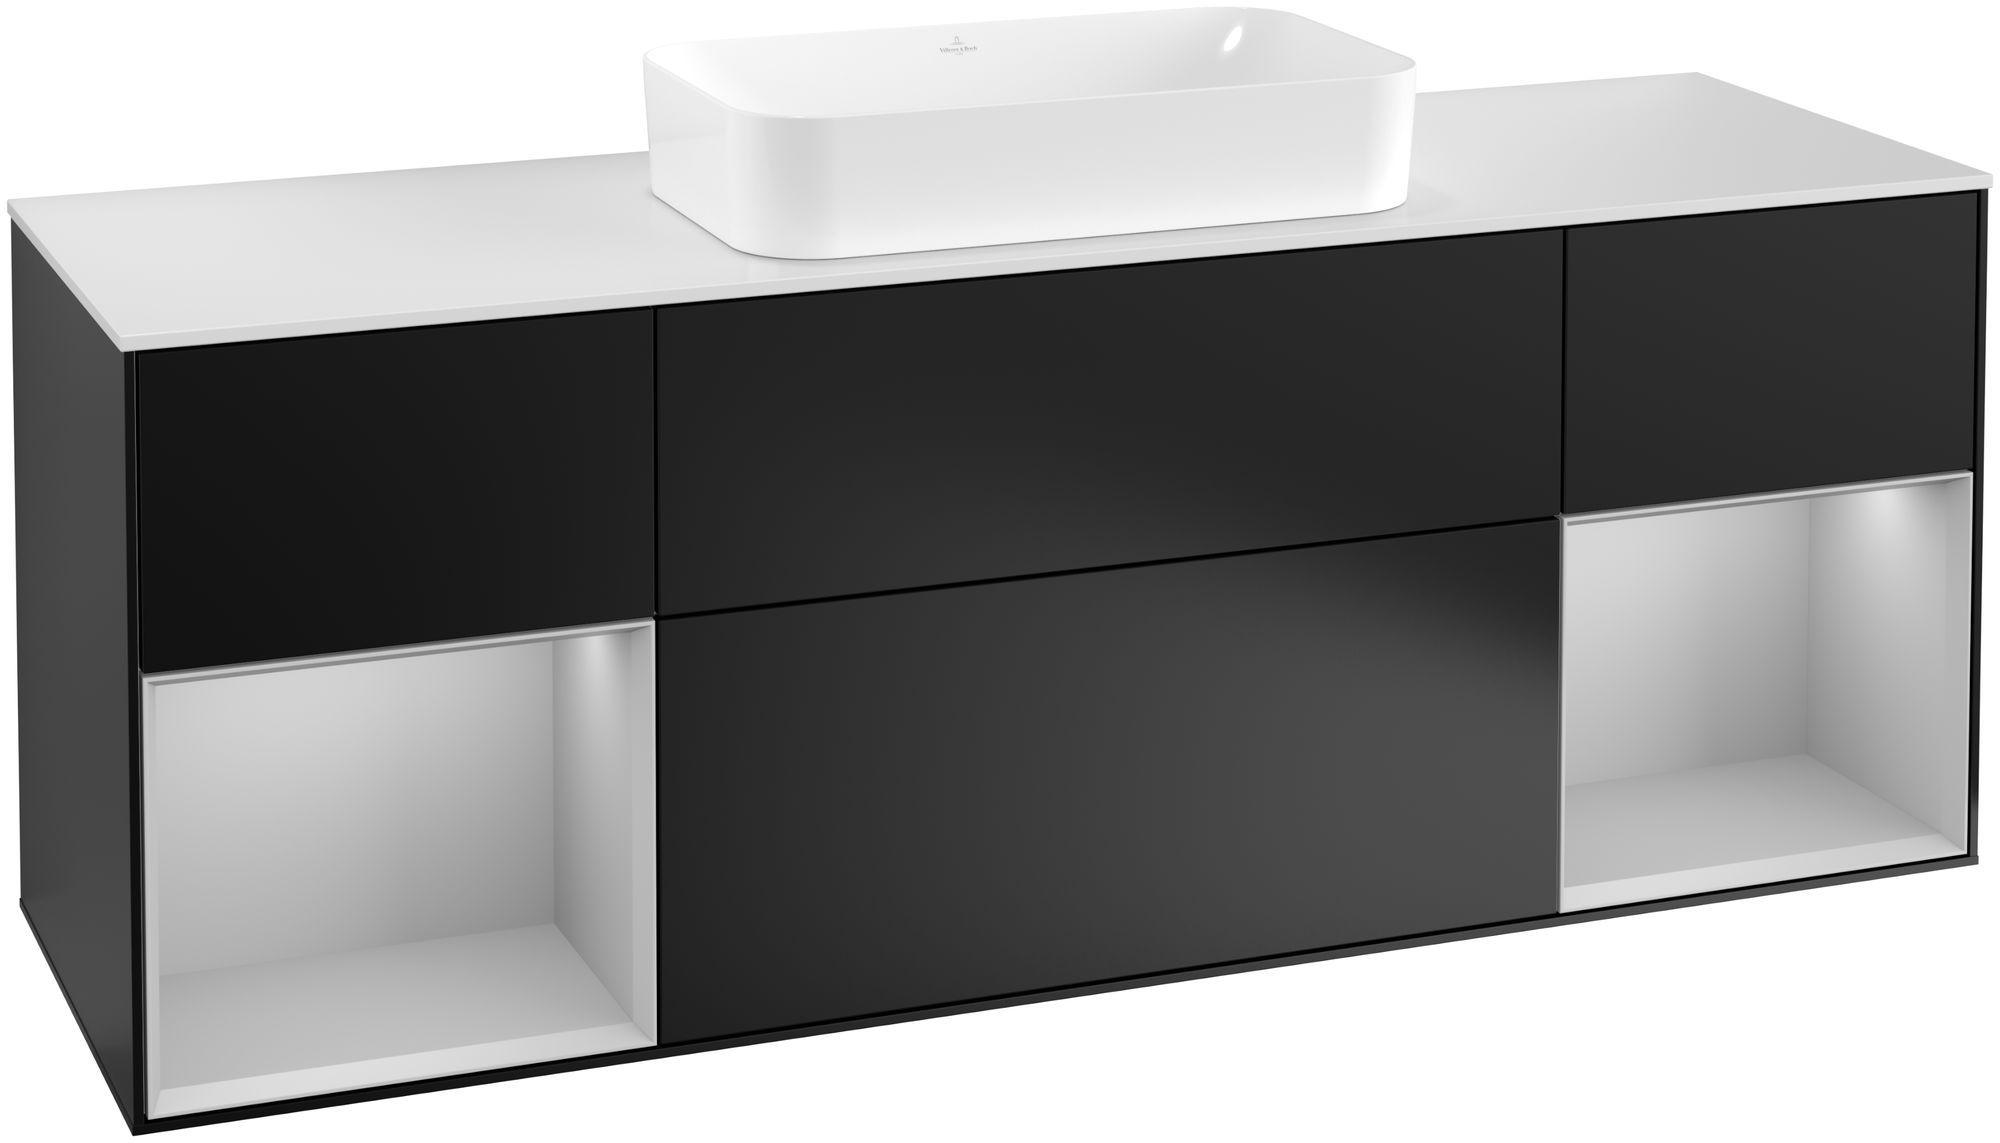 Villeroy & Boch Finion F33 Waschtischunterschrank mit Regalelement 4 Auszüge Waschtisch mittig LED-Beleuchtung B:160xH:60,3xT:50,1cm Front, Korpus: Black Matt Lacquer, Regal: Light Grey Matt, Glasplatte: White Matt F331GJPD